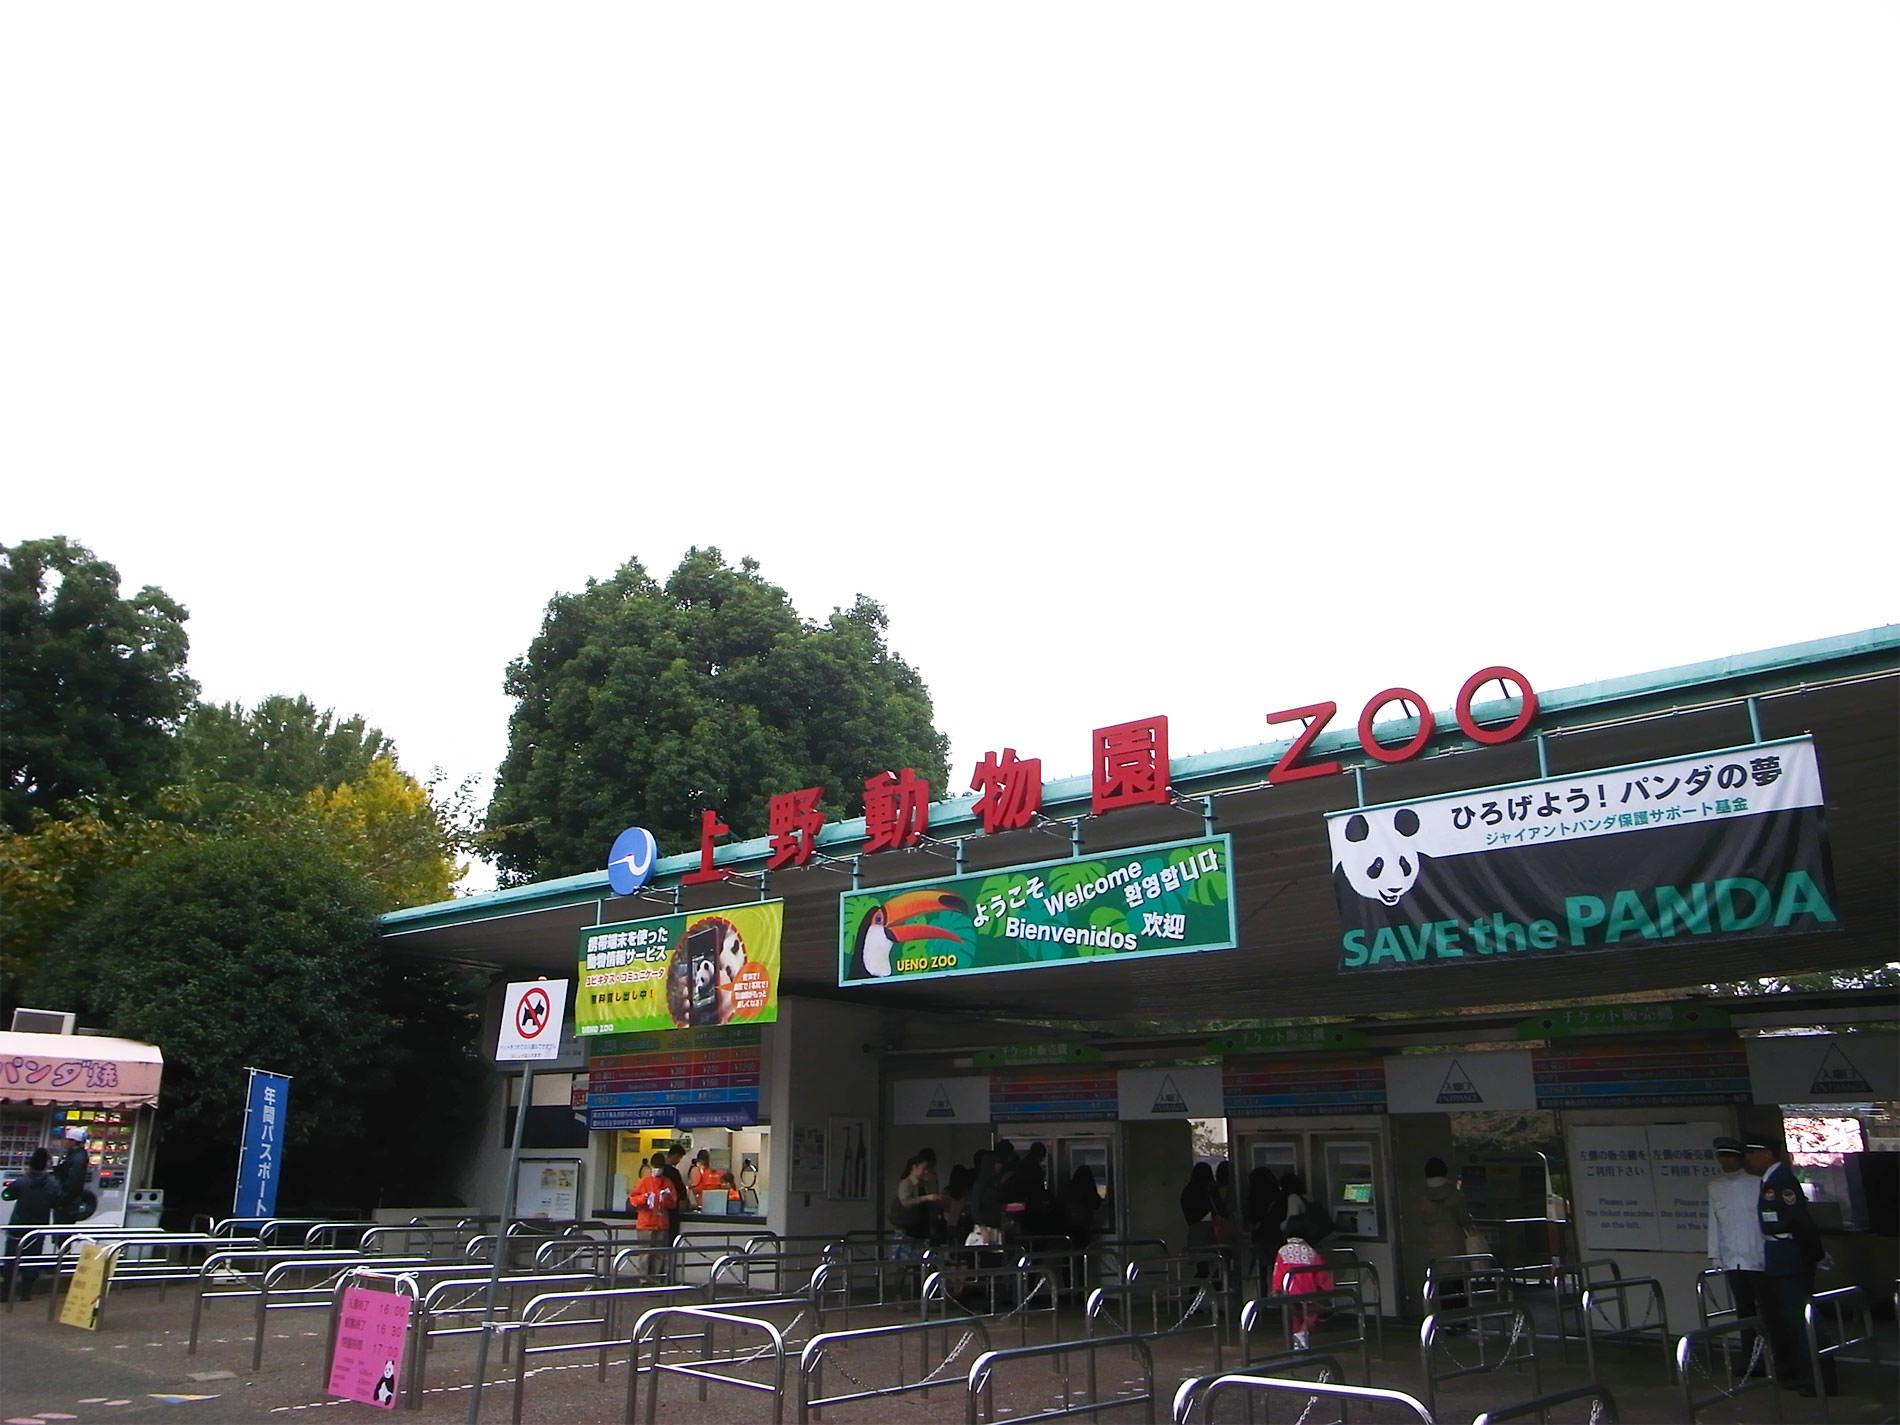 上野動物園と落語鑑賞と | Ueno Zoo and Rakugo, 2014, Tokyo